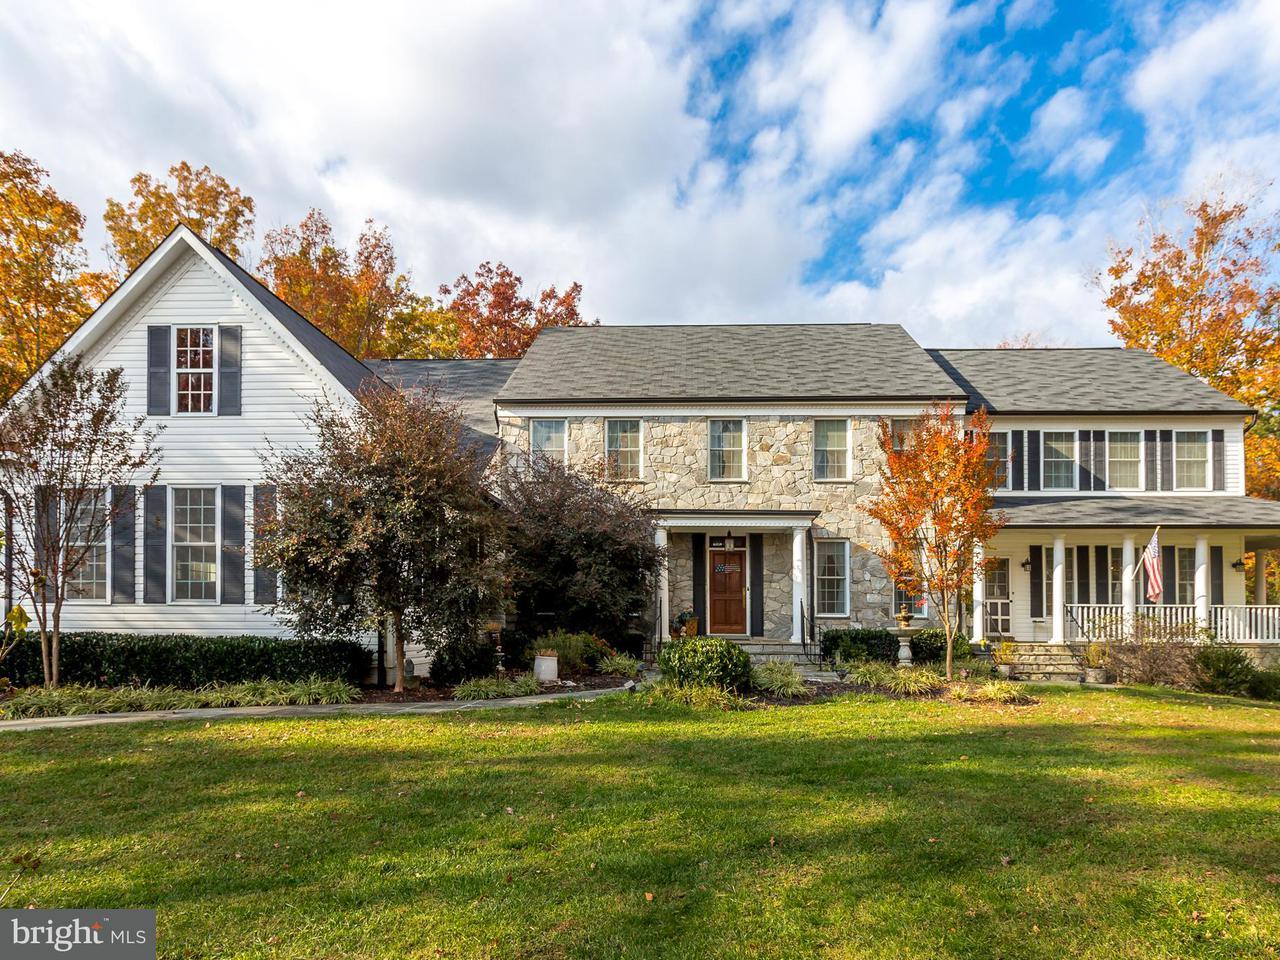 Casa Unifamiliar por un Venta en 100 FALLING CREEK Drive 100 FALLING CREEK Drive Stafford, Virginia 22554 Estados Unidos